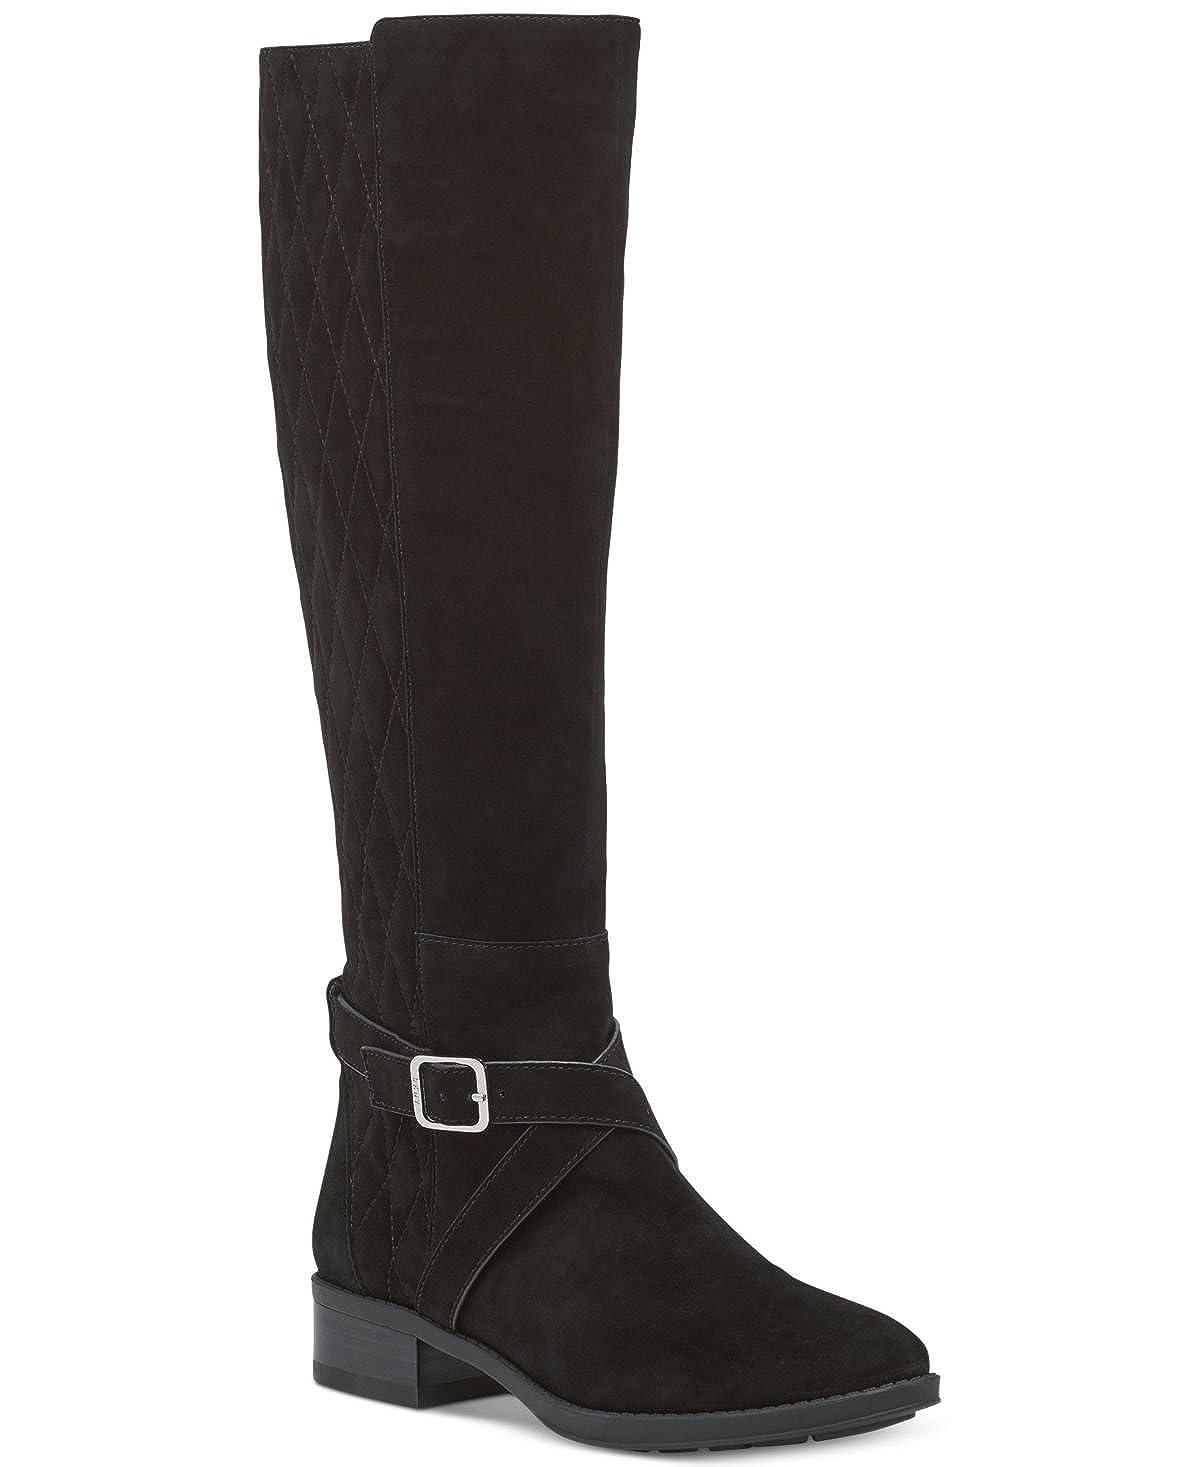 schwarz DKNY Frauen Mattie Knee higjh b b b Geschlossener Zeh Fashion Stiefel  authentische Qualität